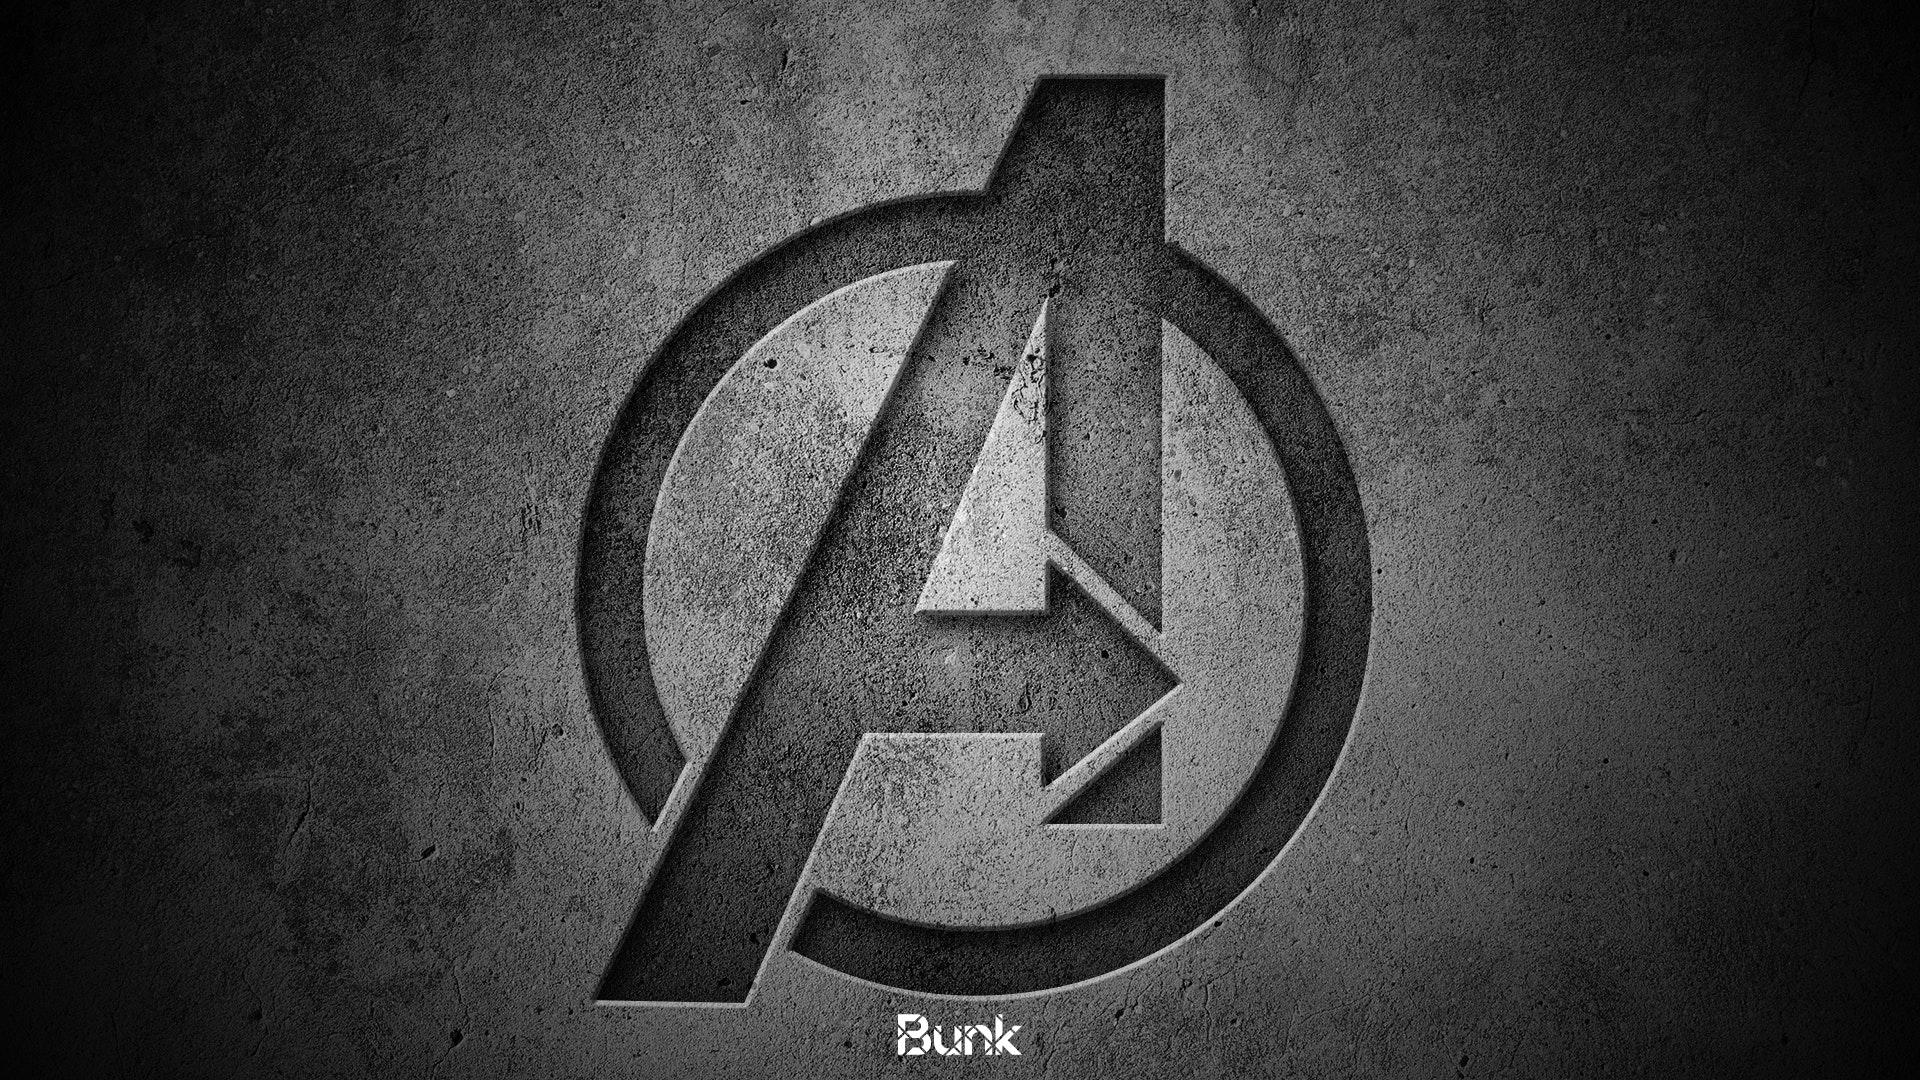 Free stock photo of avengers AvengersInfinityWar